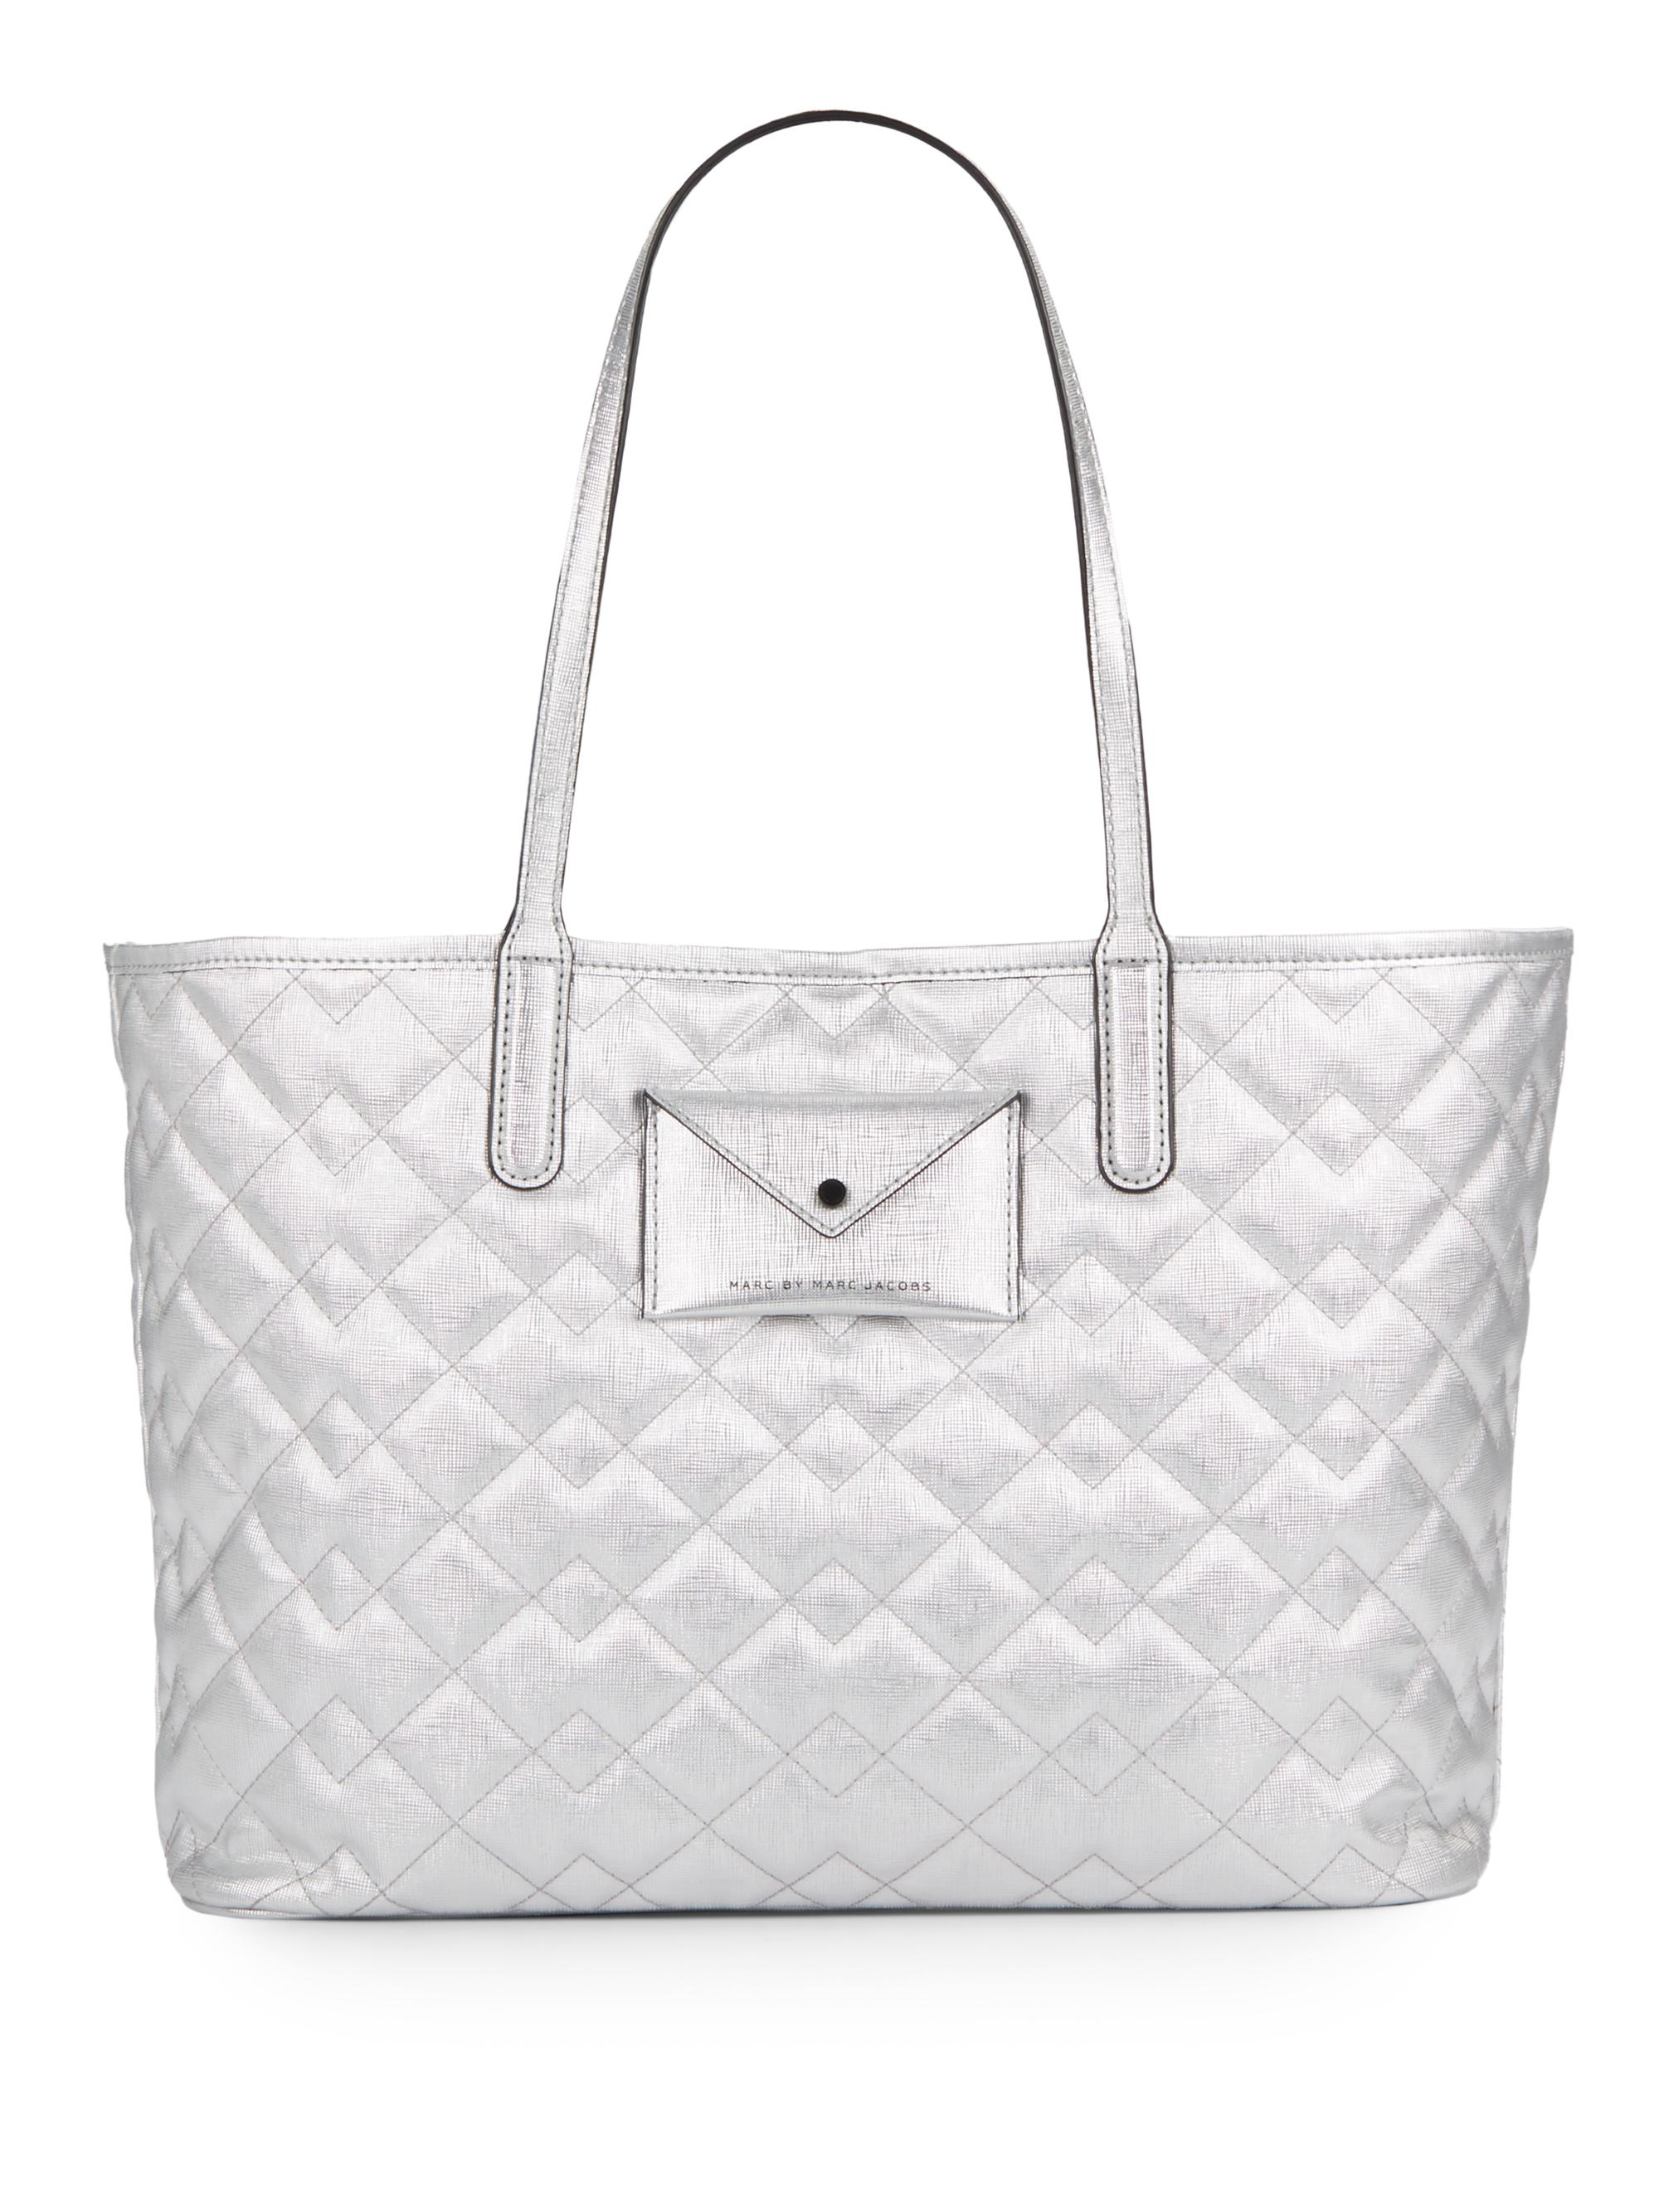 Handbags-051.JPG